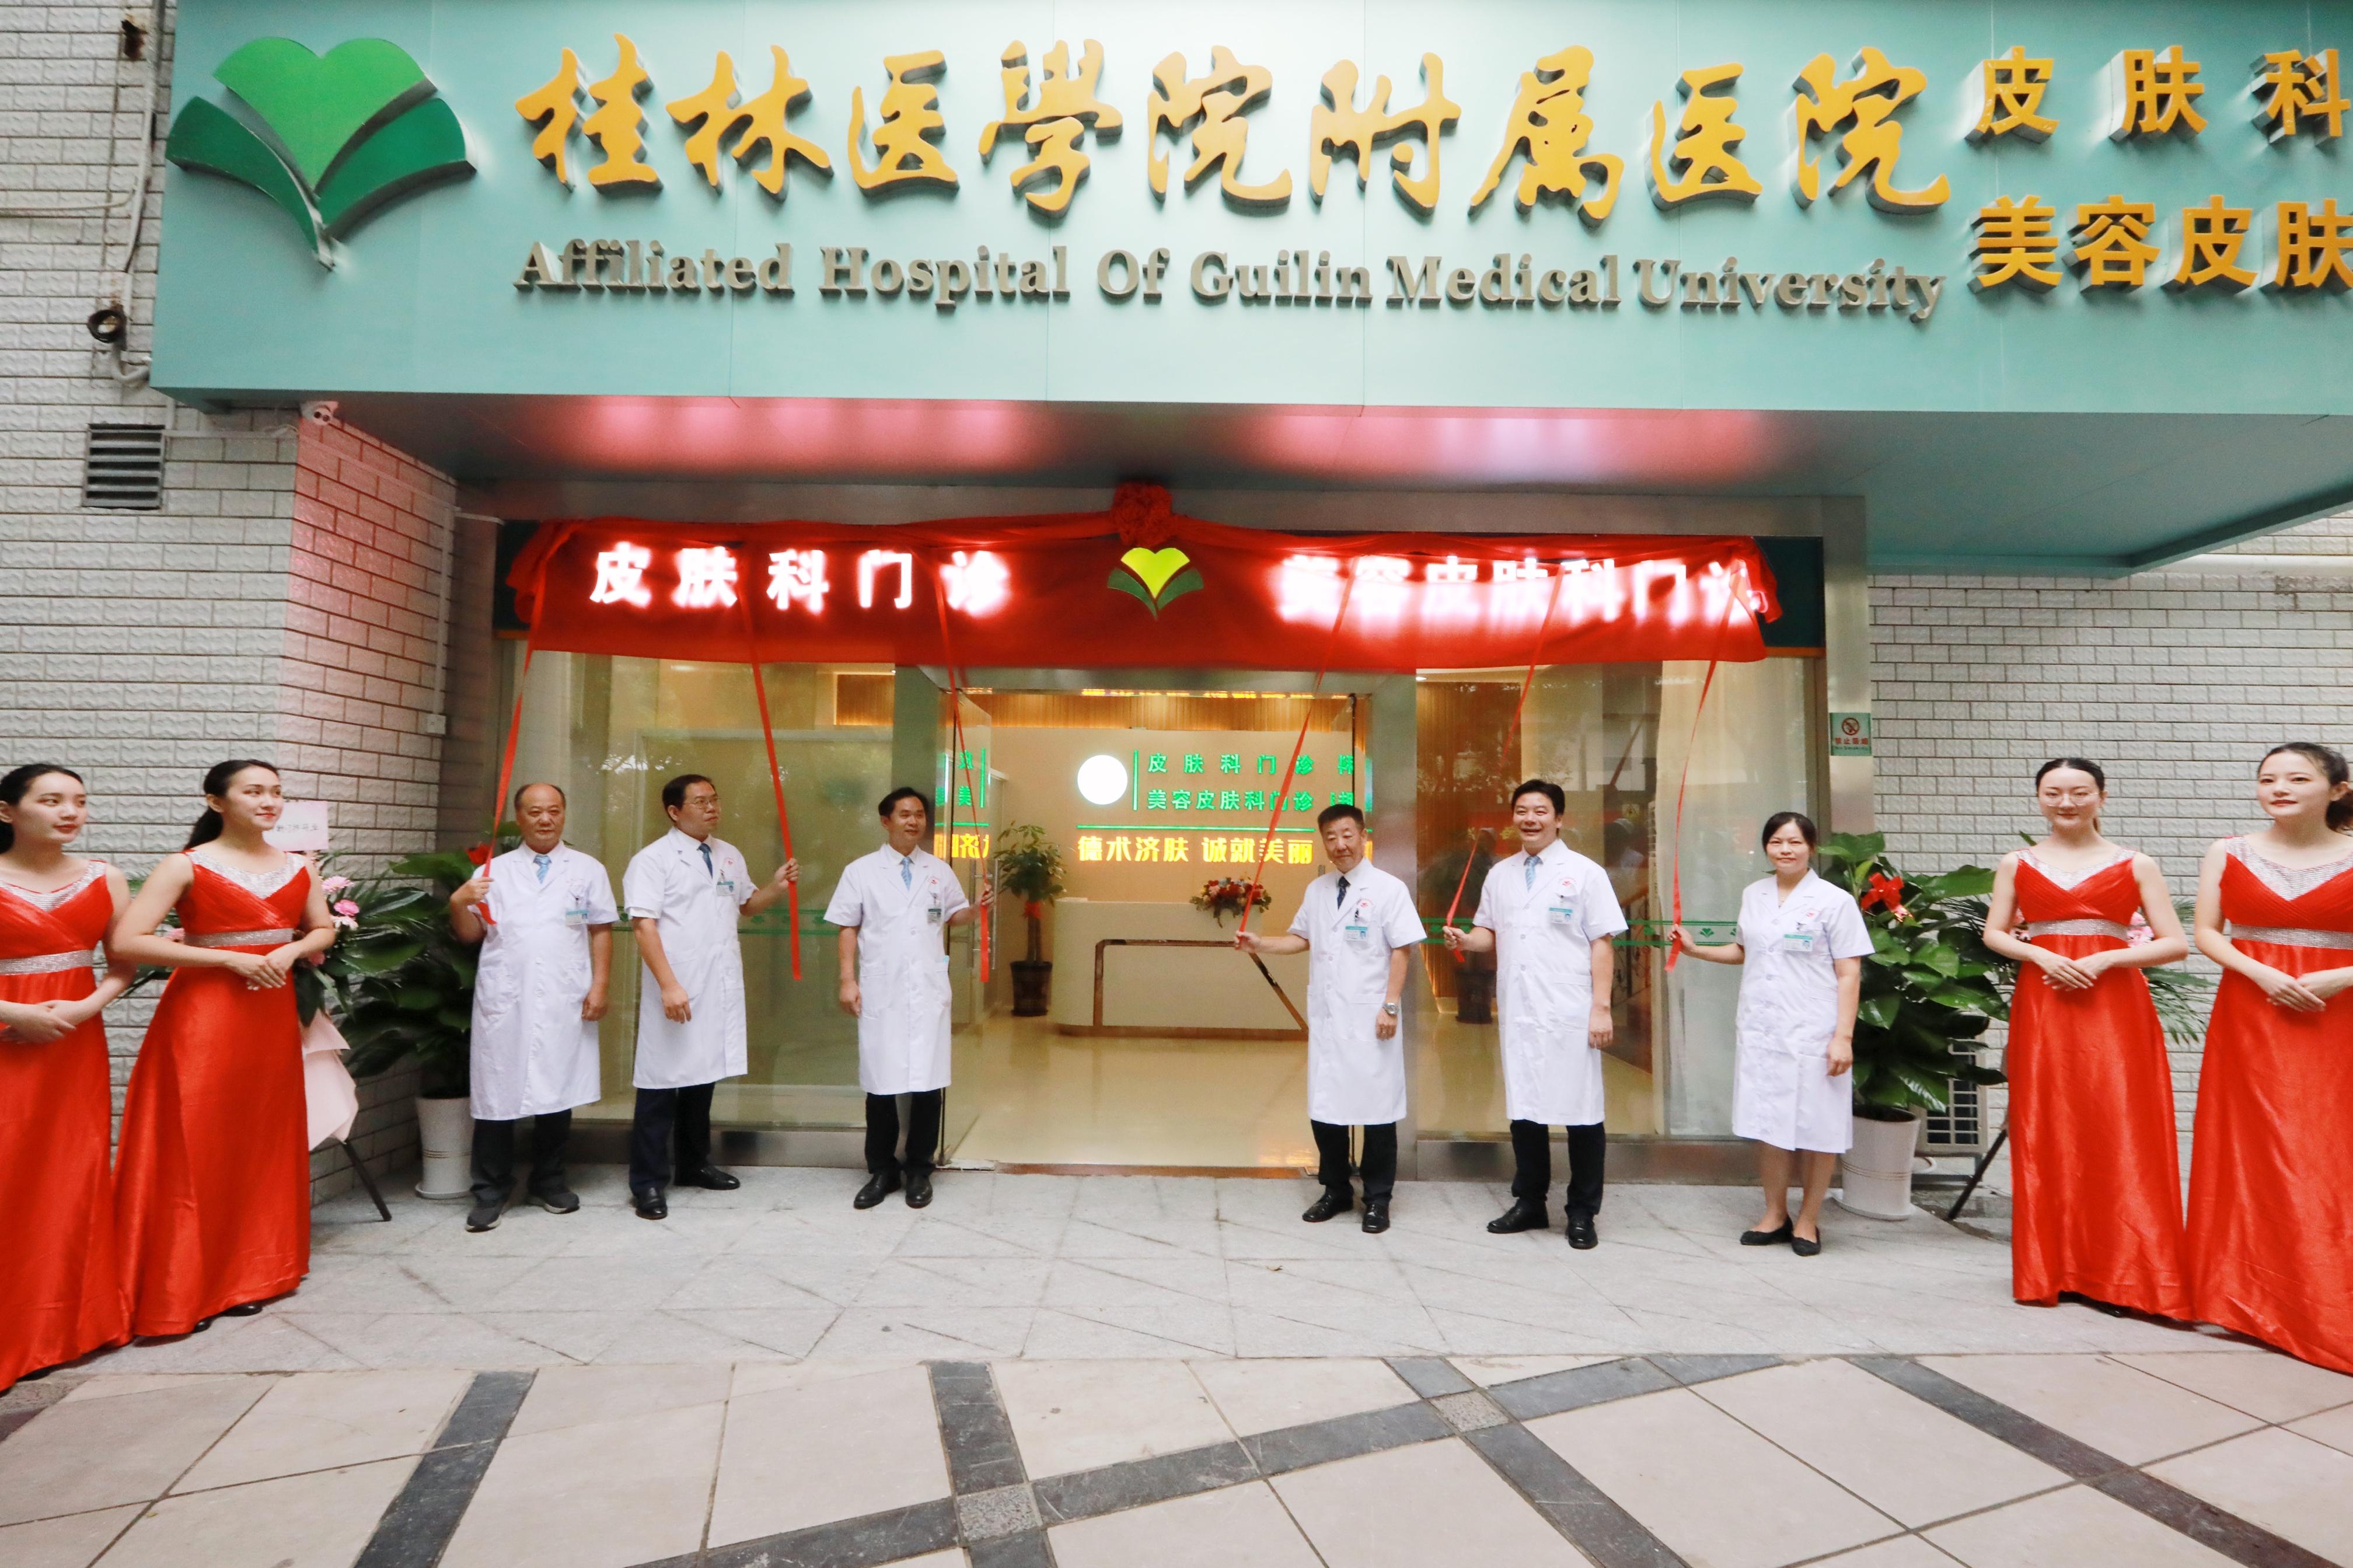 桂林医学院附属医院皮肤科门诊、美容皮肤科揭牌啦